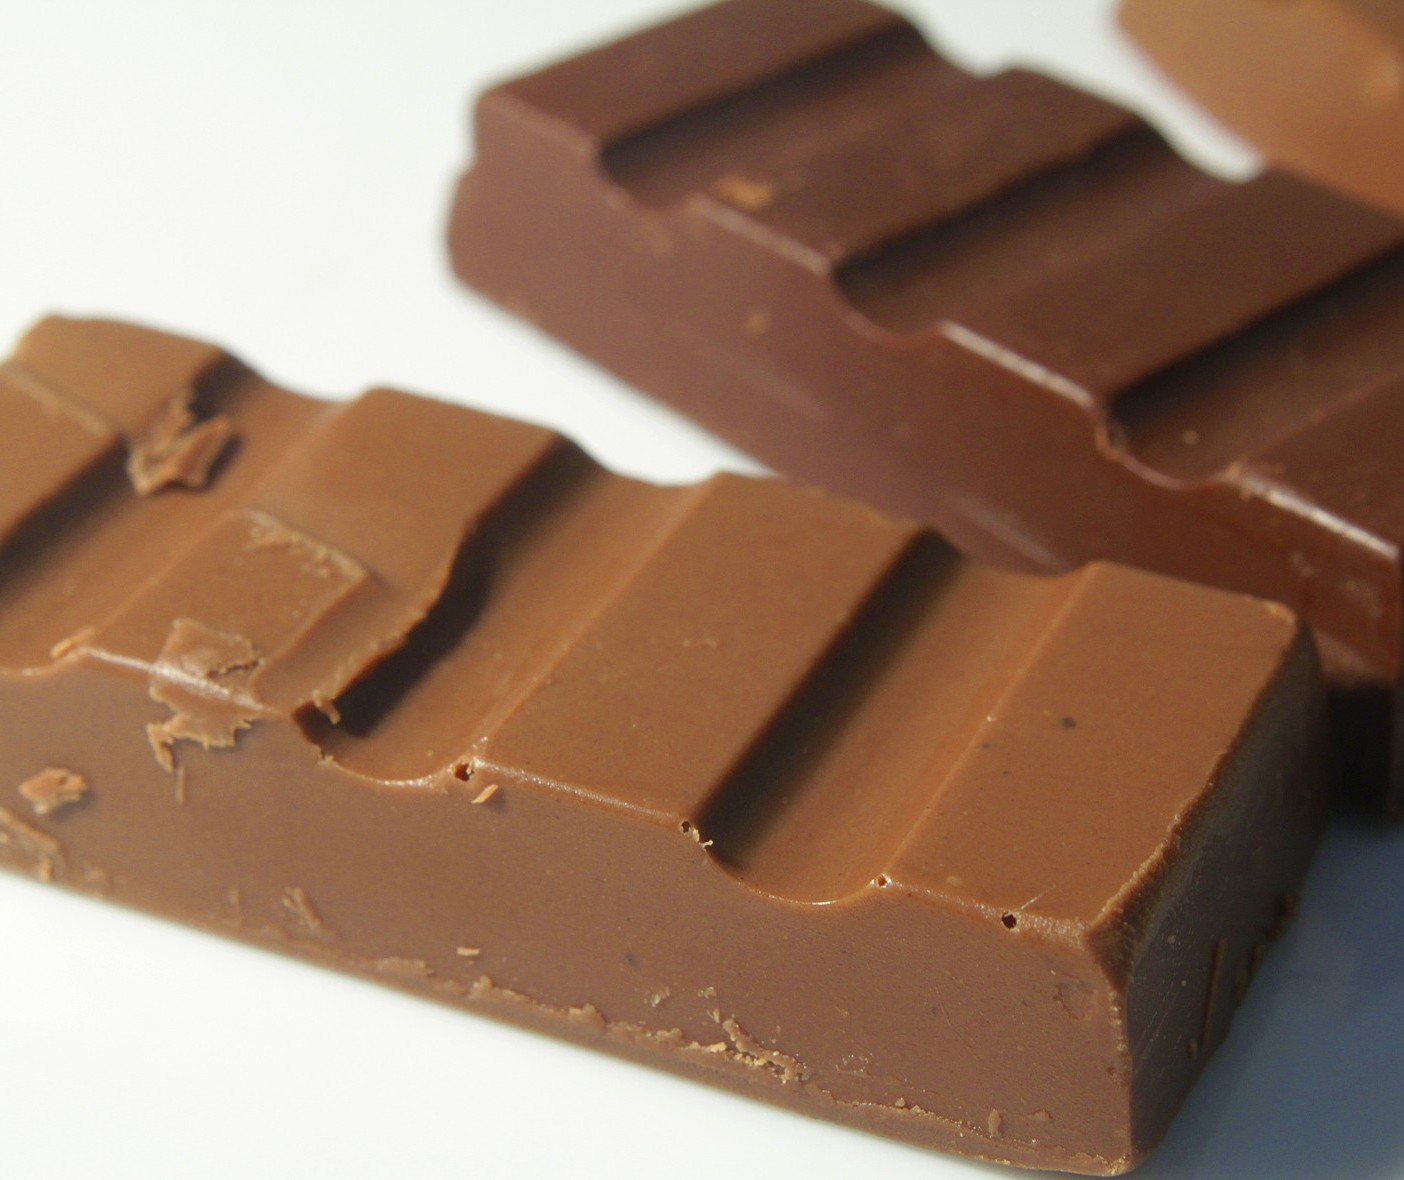 Homem é preso após furtar quase R$ 300 em barras de chocolate